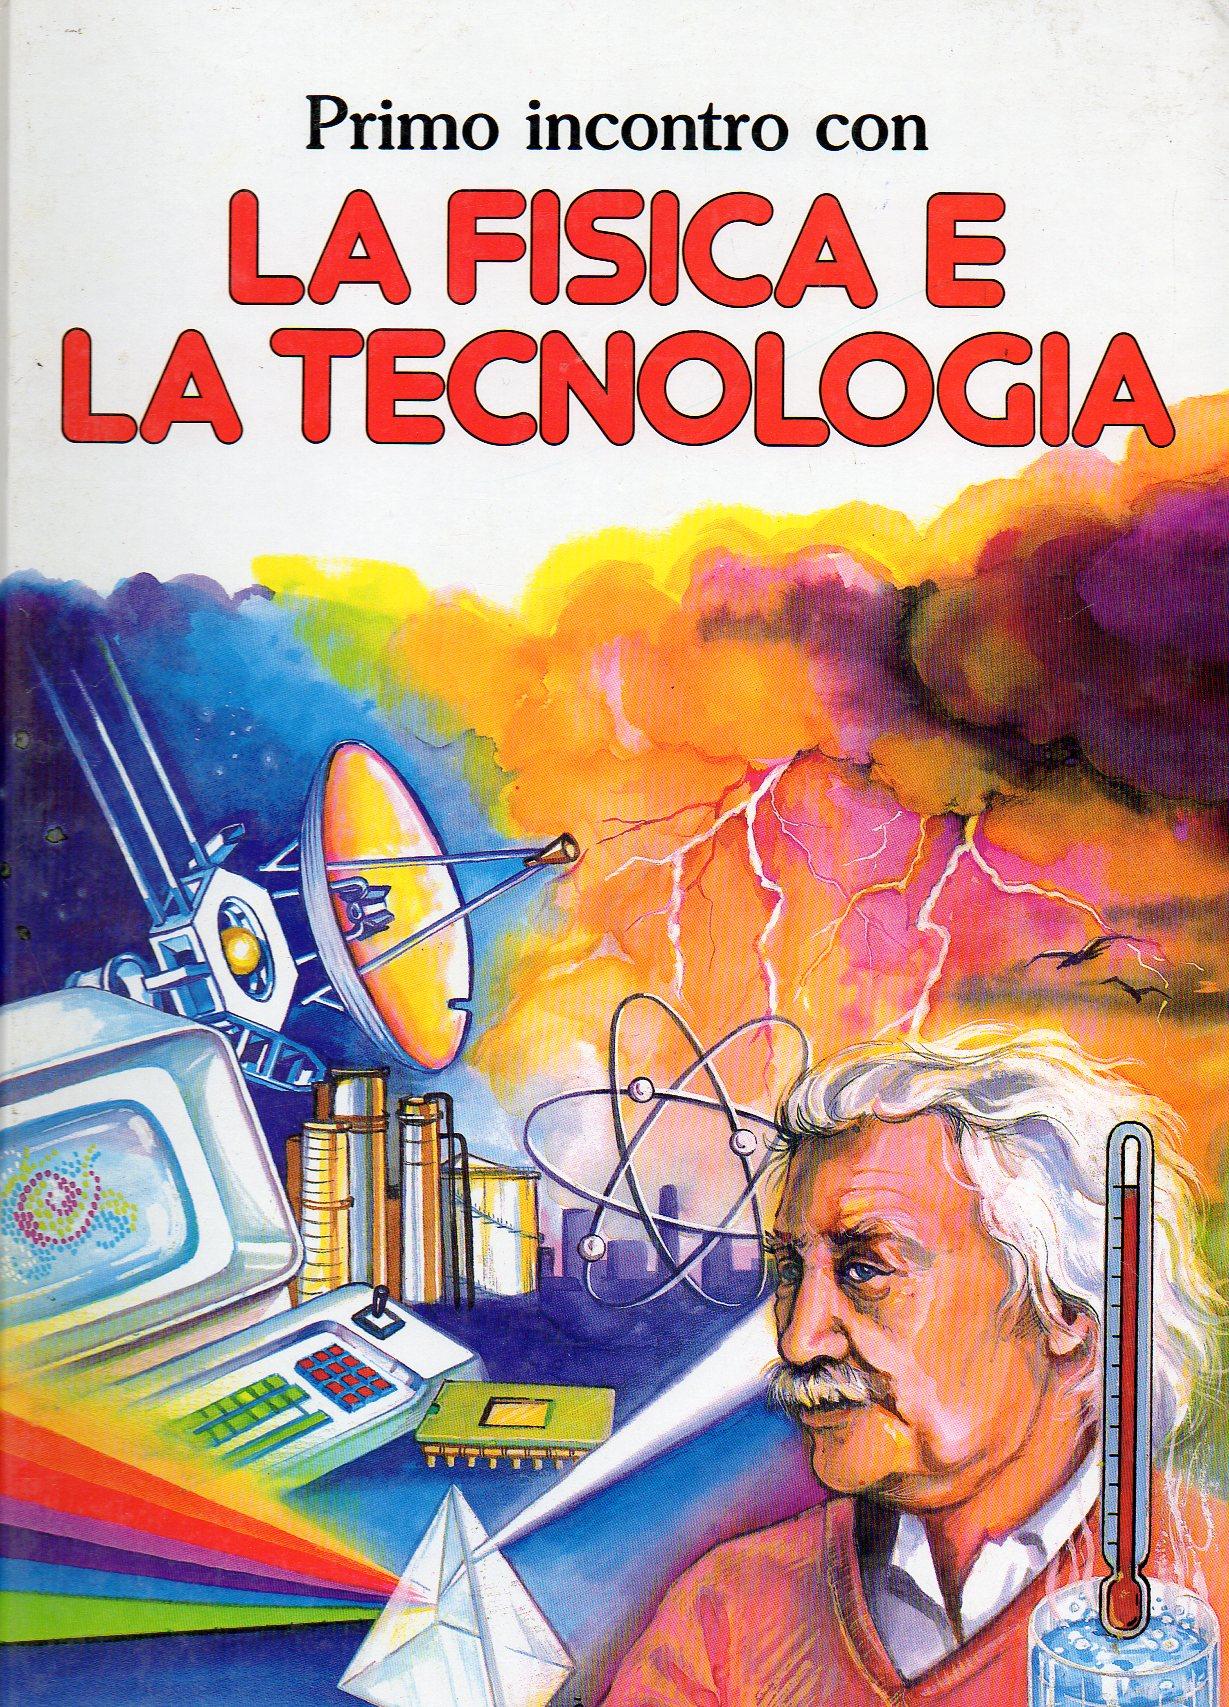 primo inconto con la fisica e la tecnologia